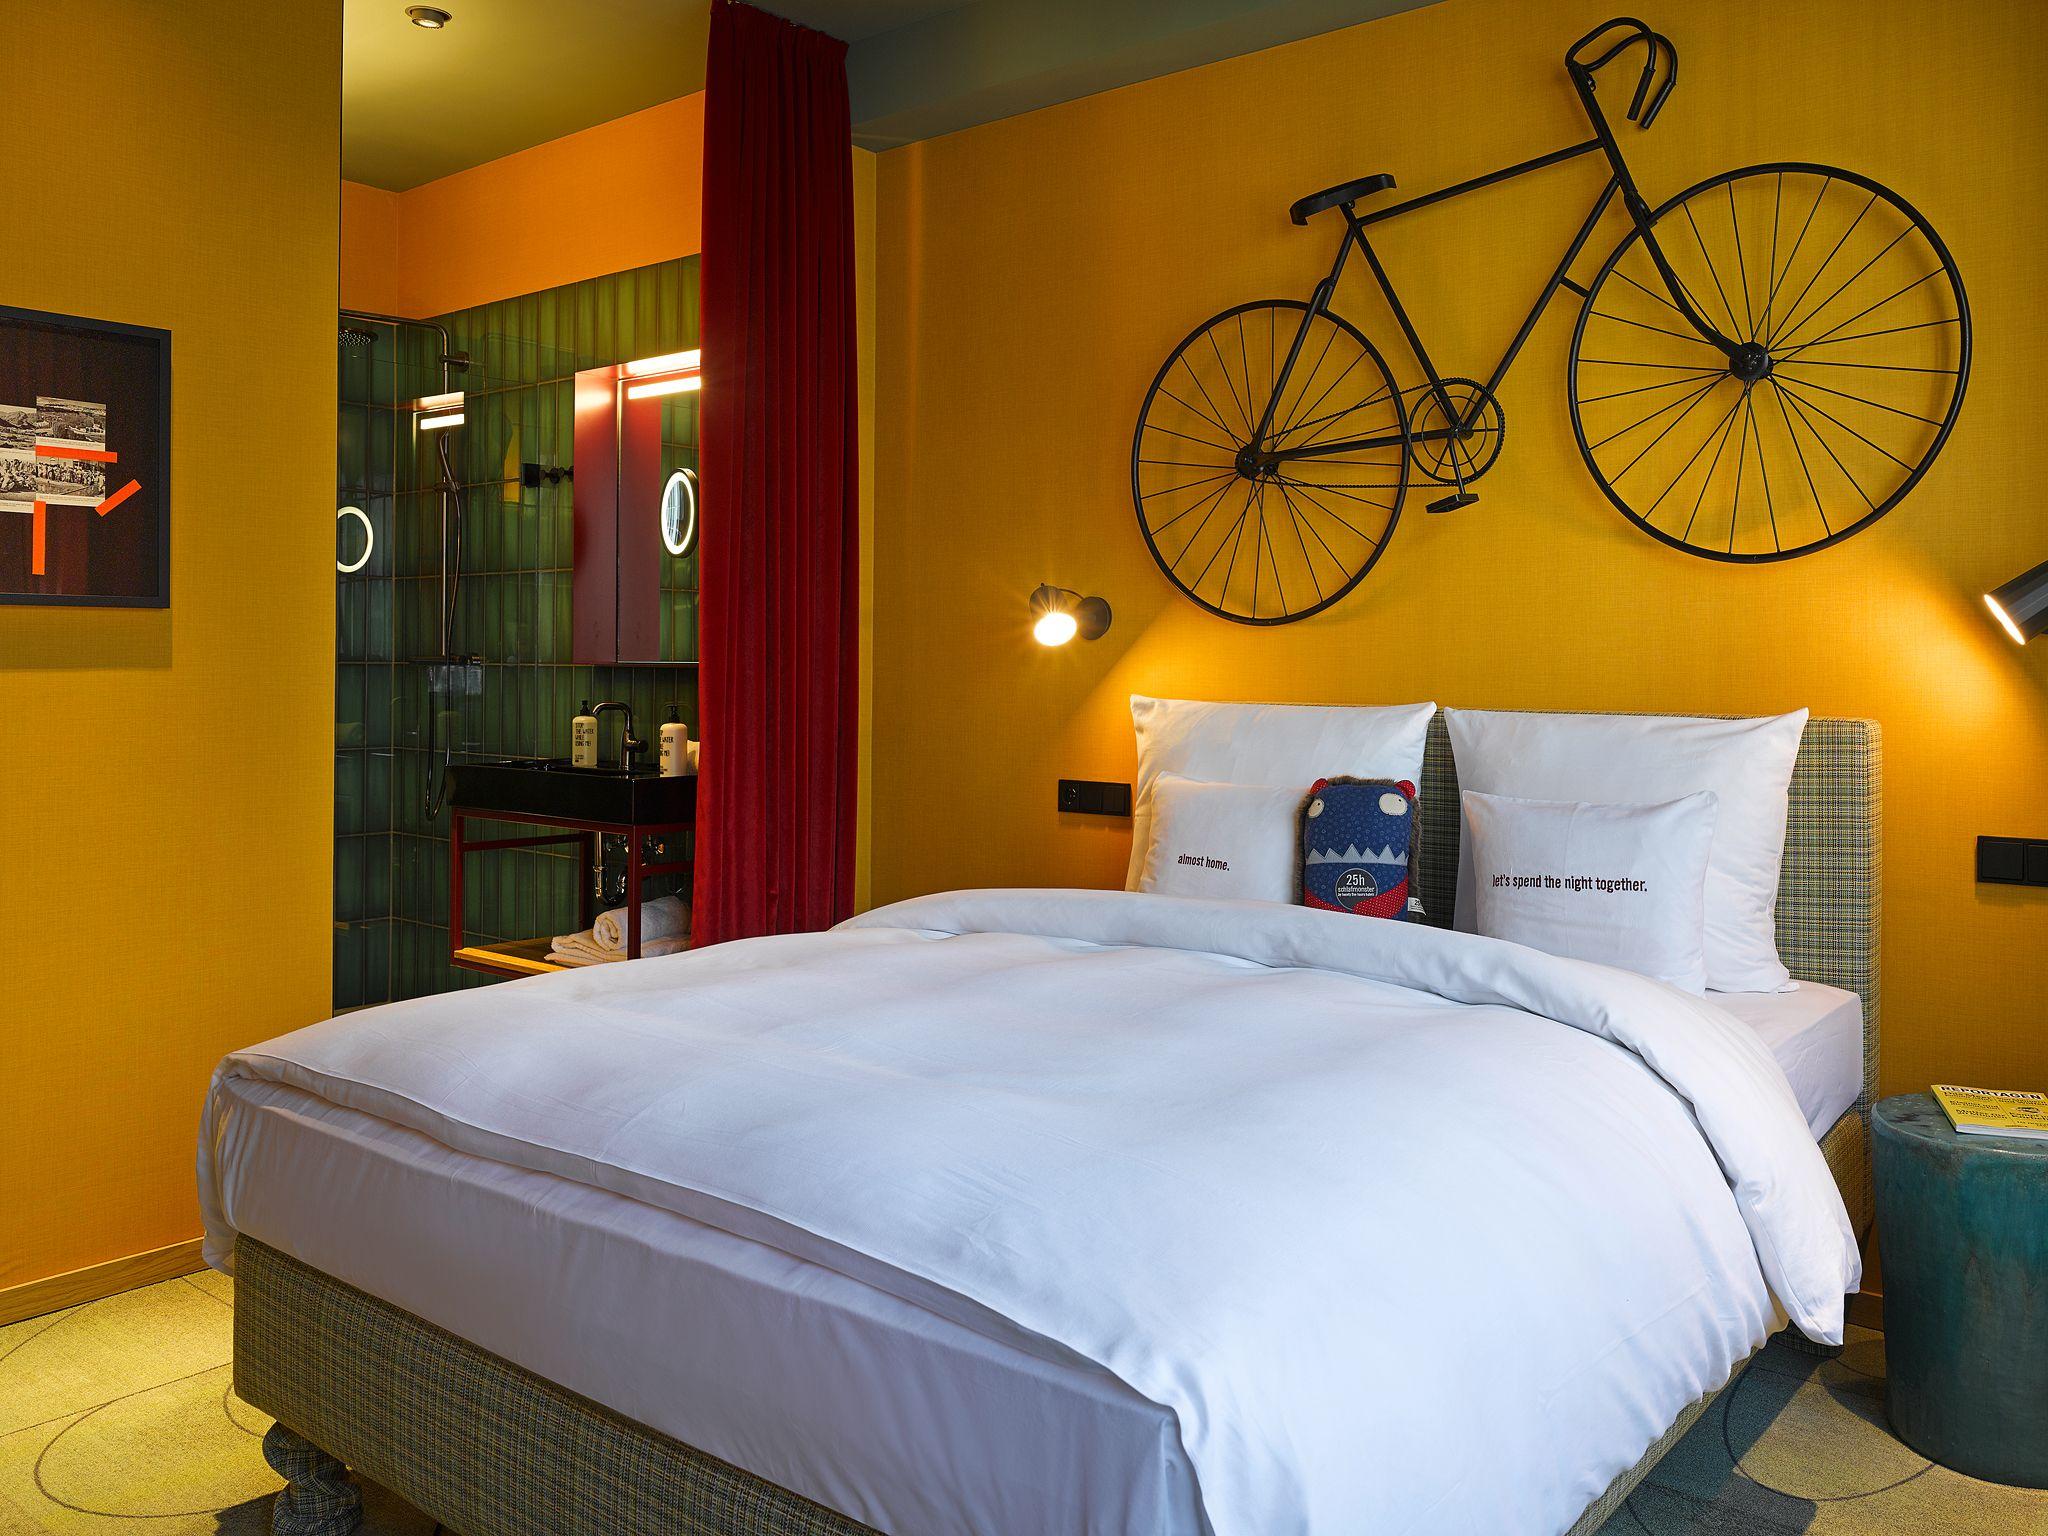 M Zimmer Im 25hours Hotel Frankfurt The Trip Mit Bildern Hotel